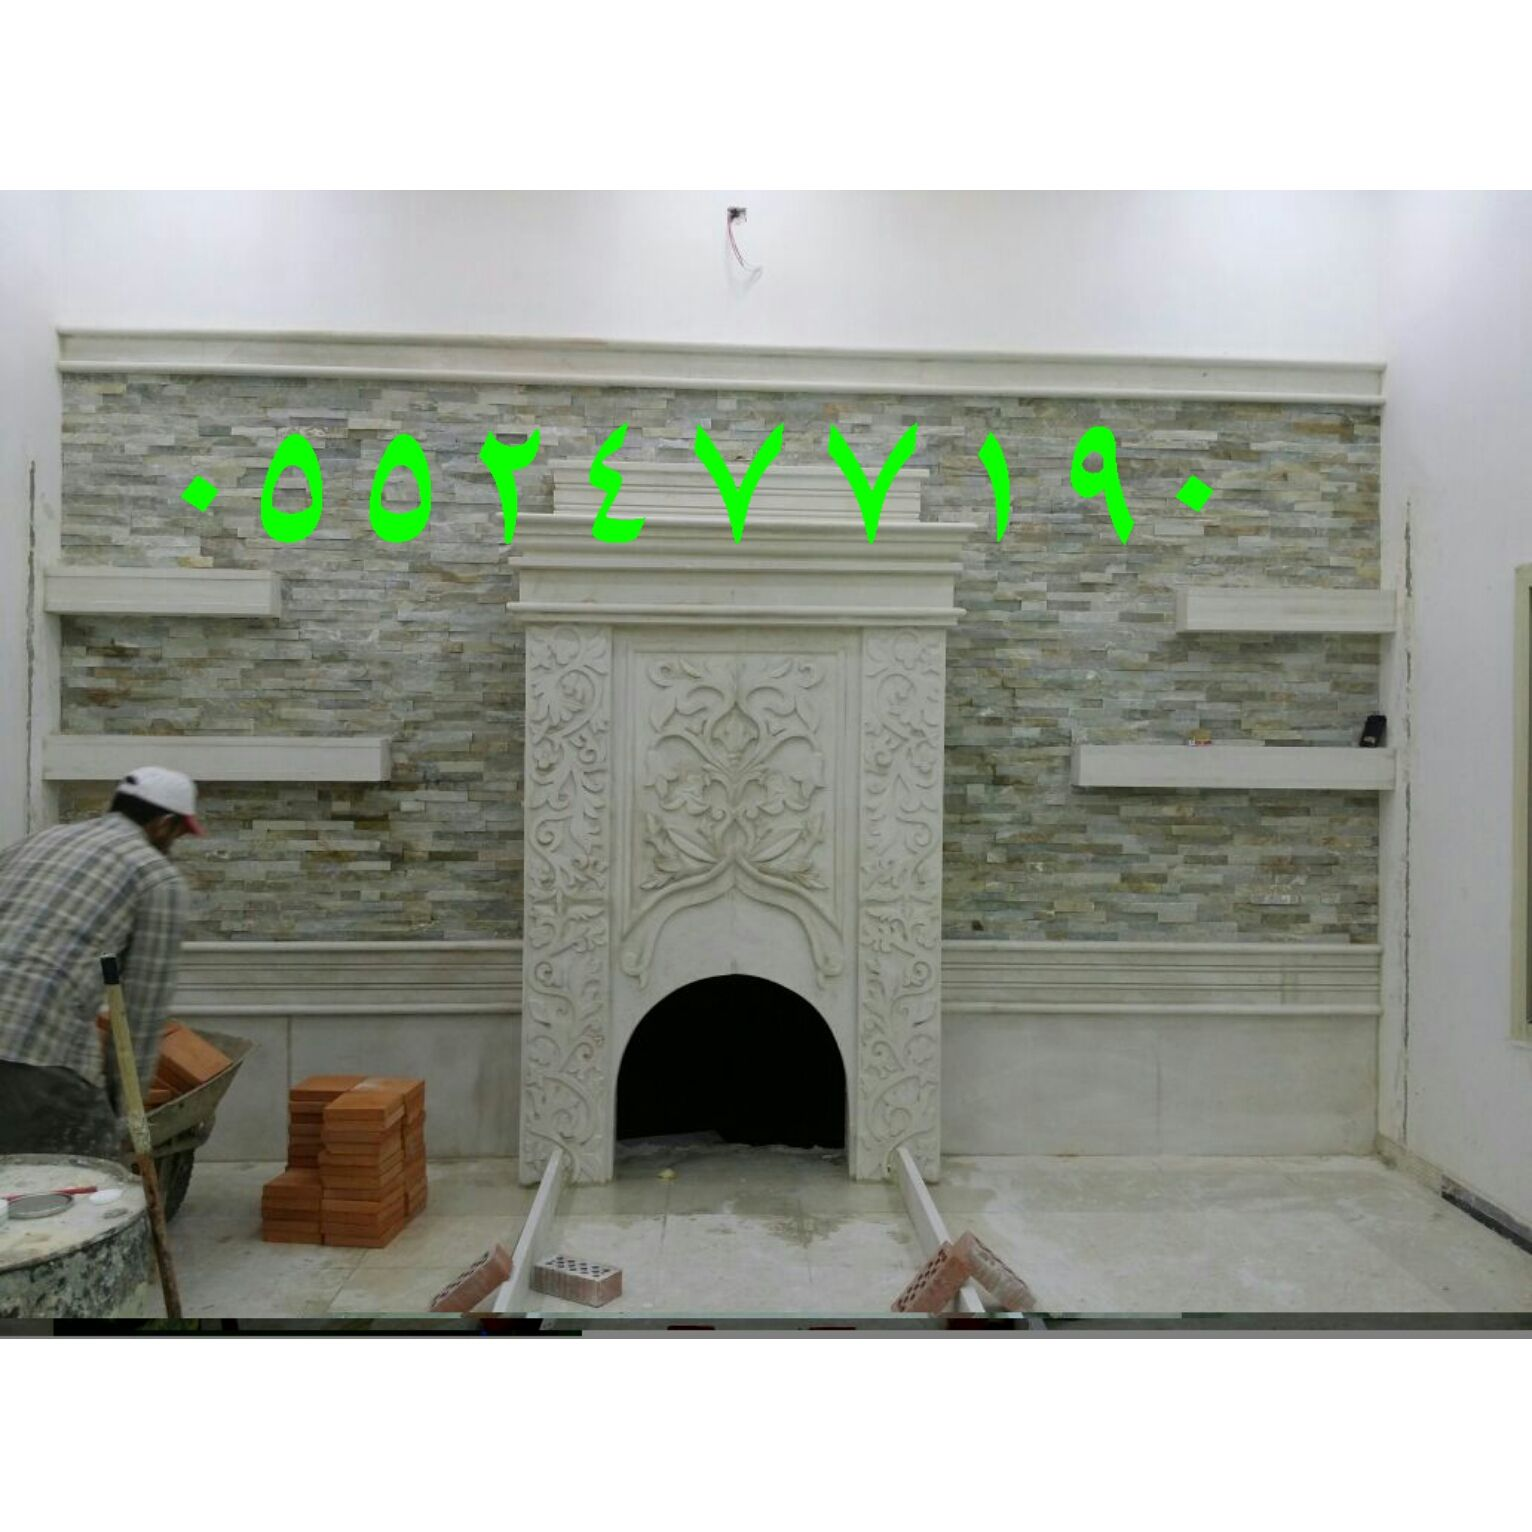 مشبات مشب صور مشبات صور مشب ديكورات مشبات ديكورات مشب ديكور مشبات ديكور مشب مشبات رخام مشب رخام صور مشبات رخام صور مشب رخام مشبات Home Decor Decor Fireplace